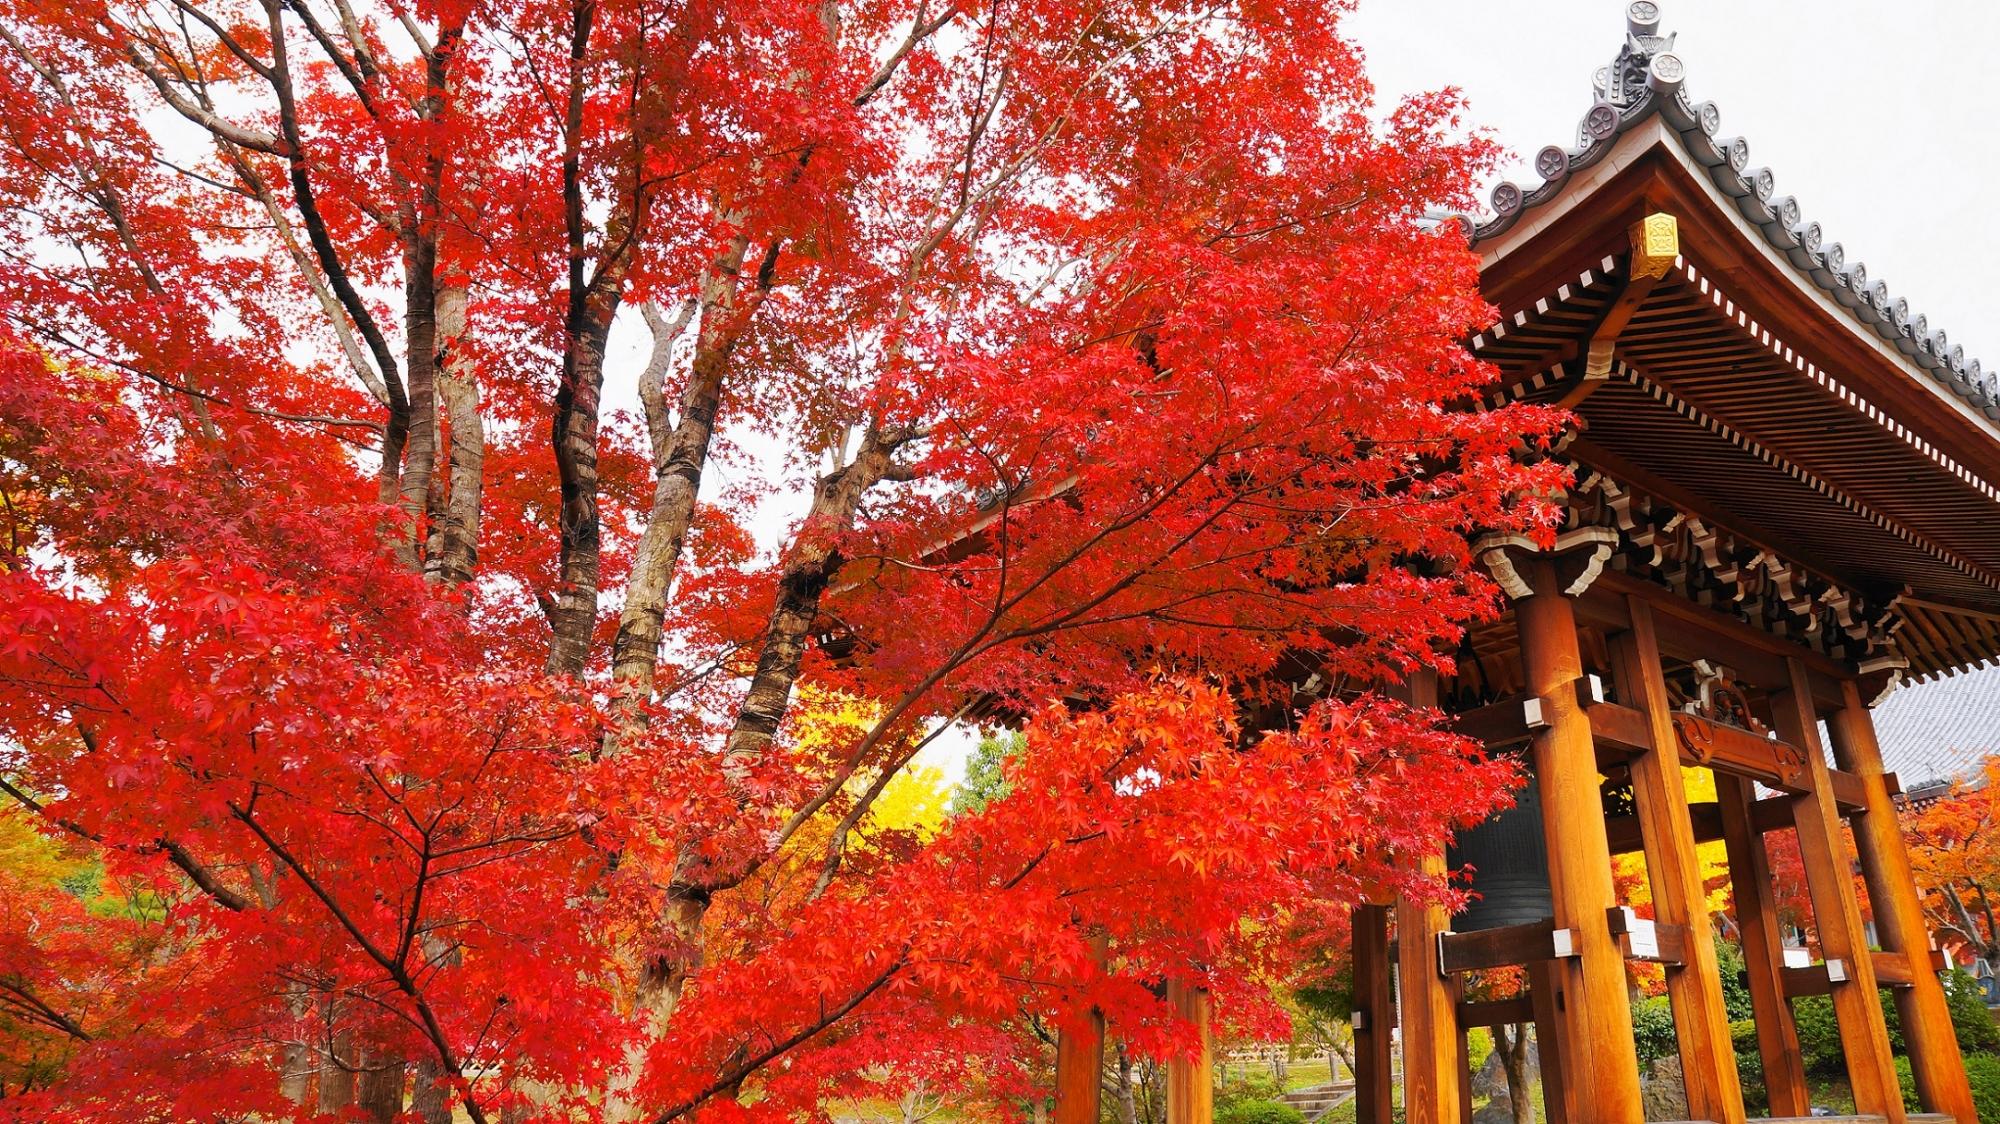 智積院の鐘楼を鮮やかに彩る炎のような赤い紅葉